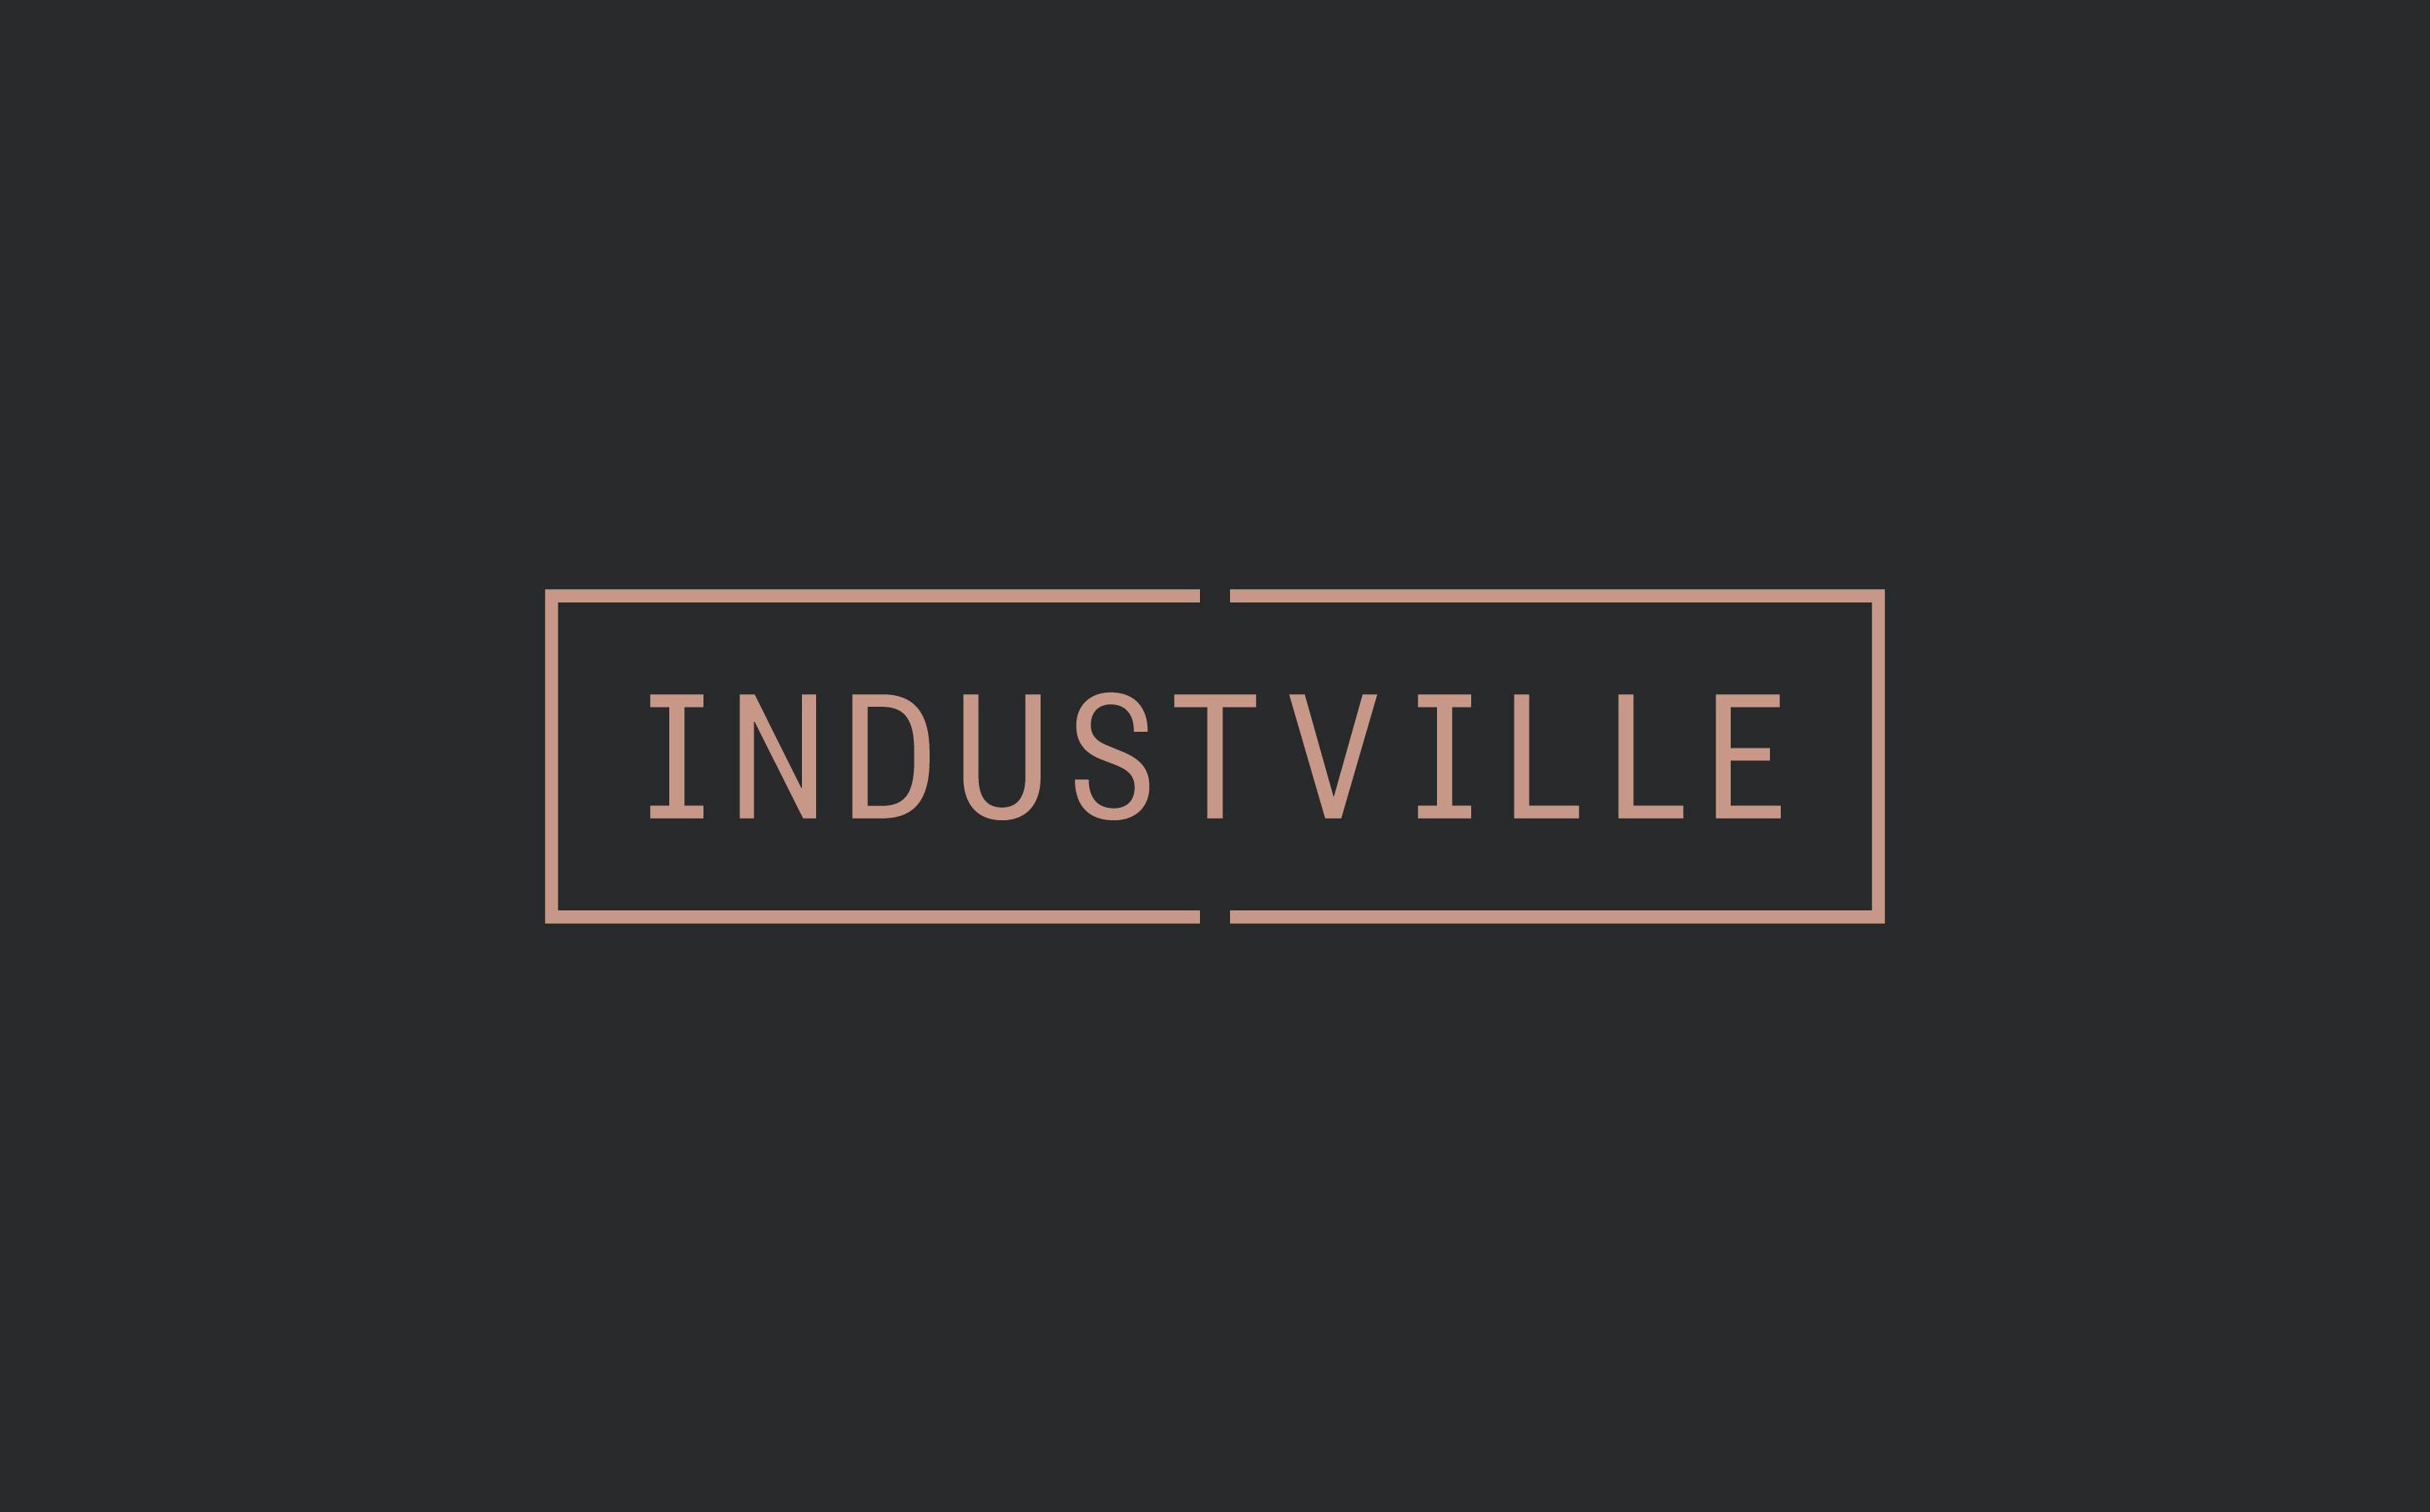 industville-branding-logo-design-02